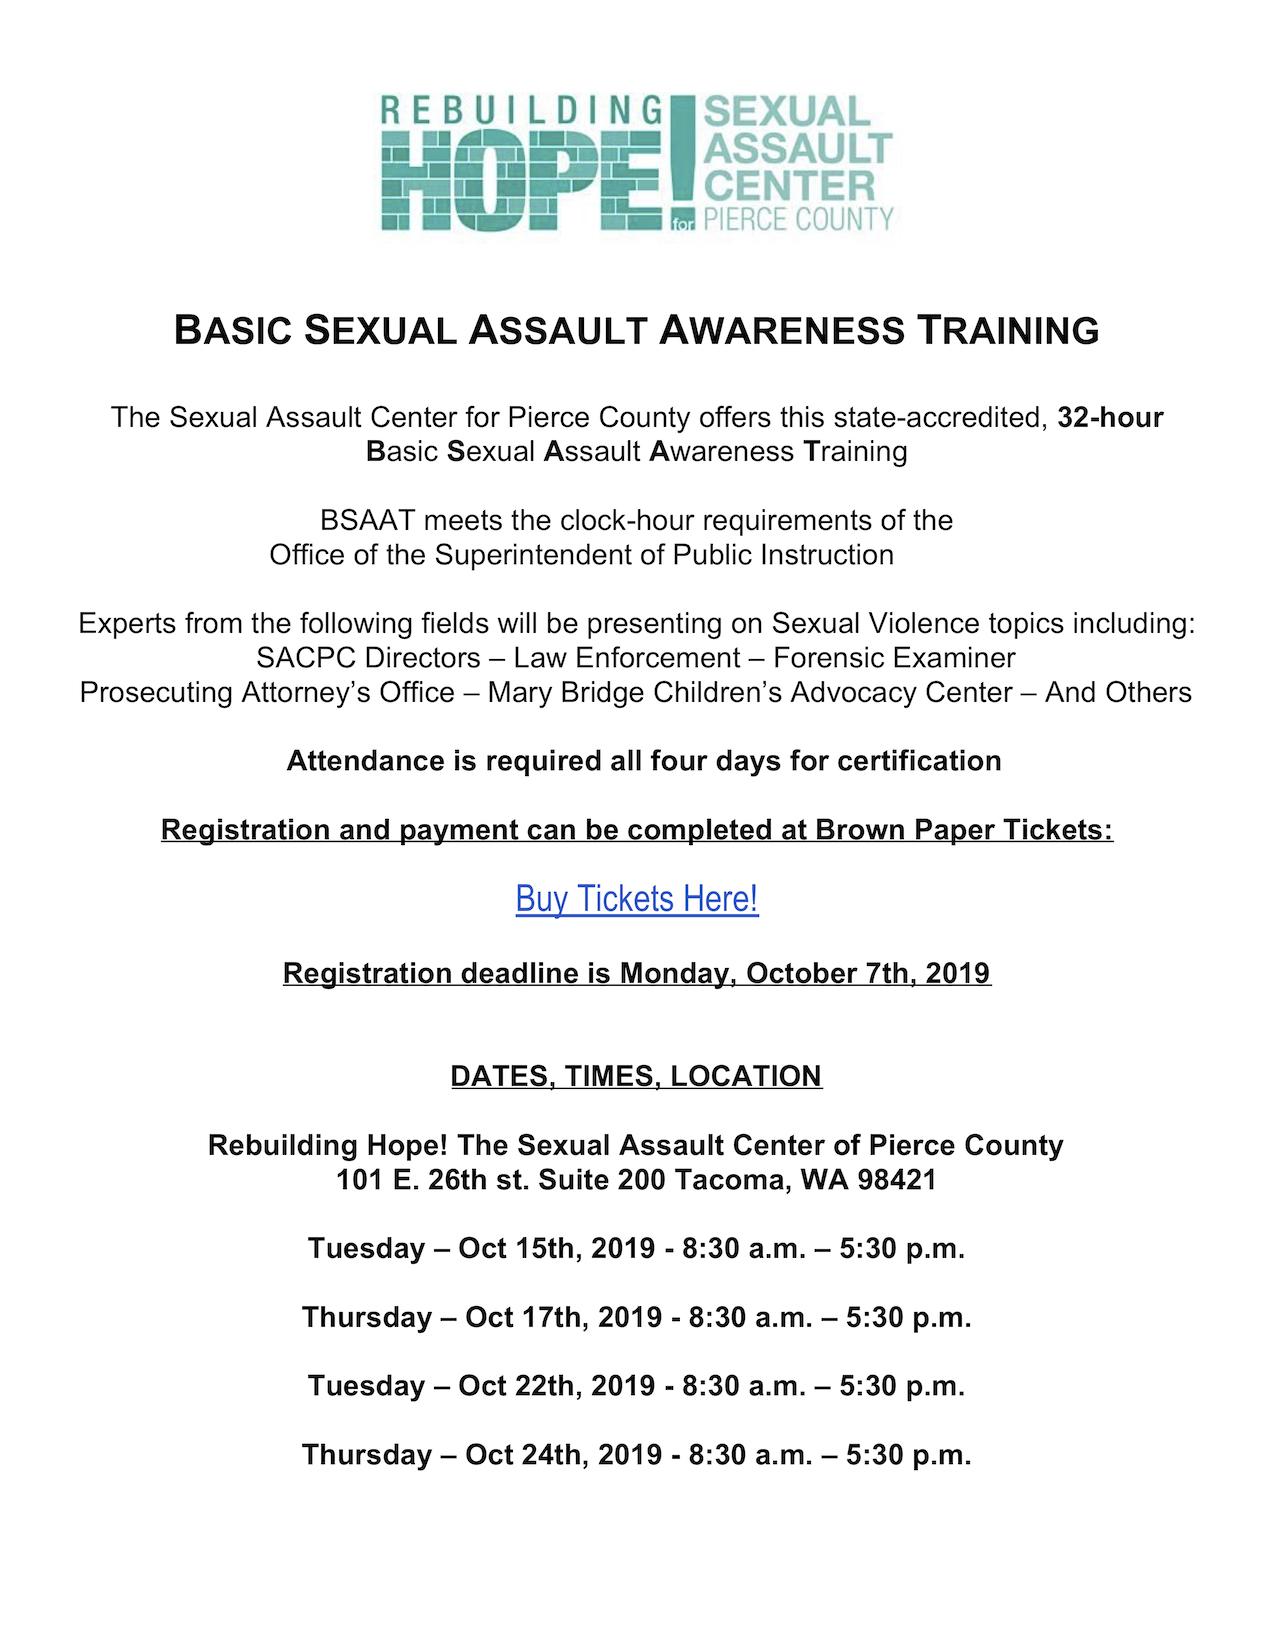 October 2019 Basic Sexual Assault Awareness Training